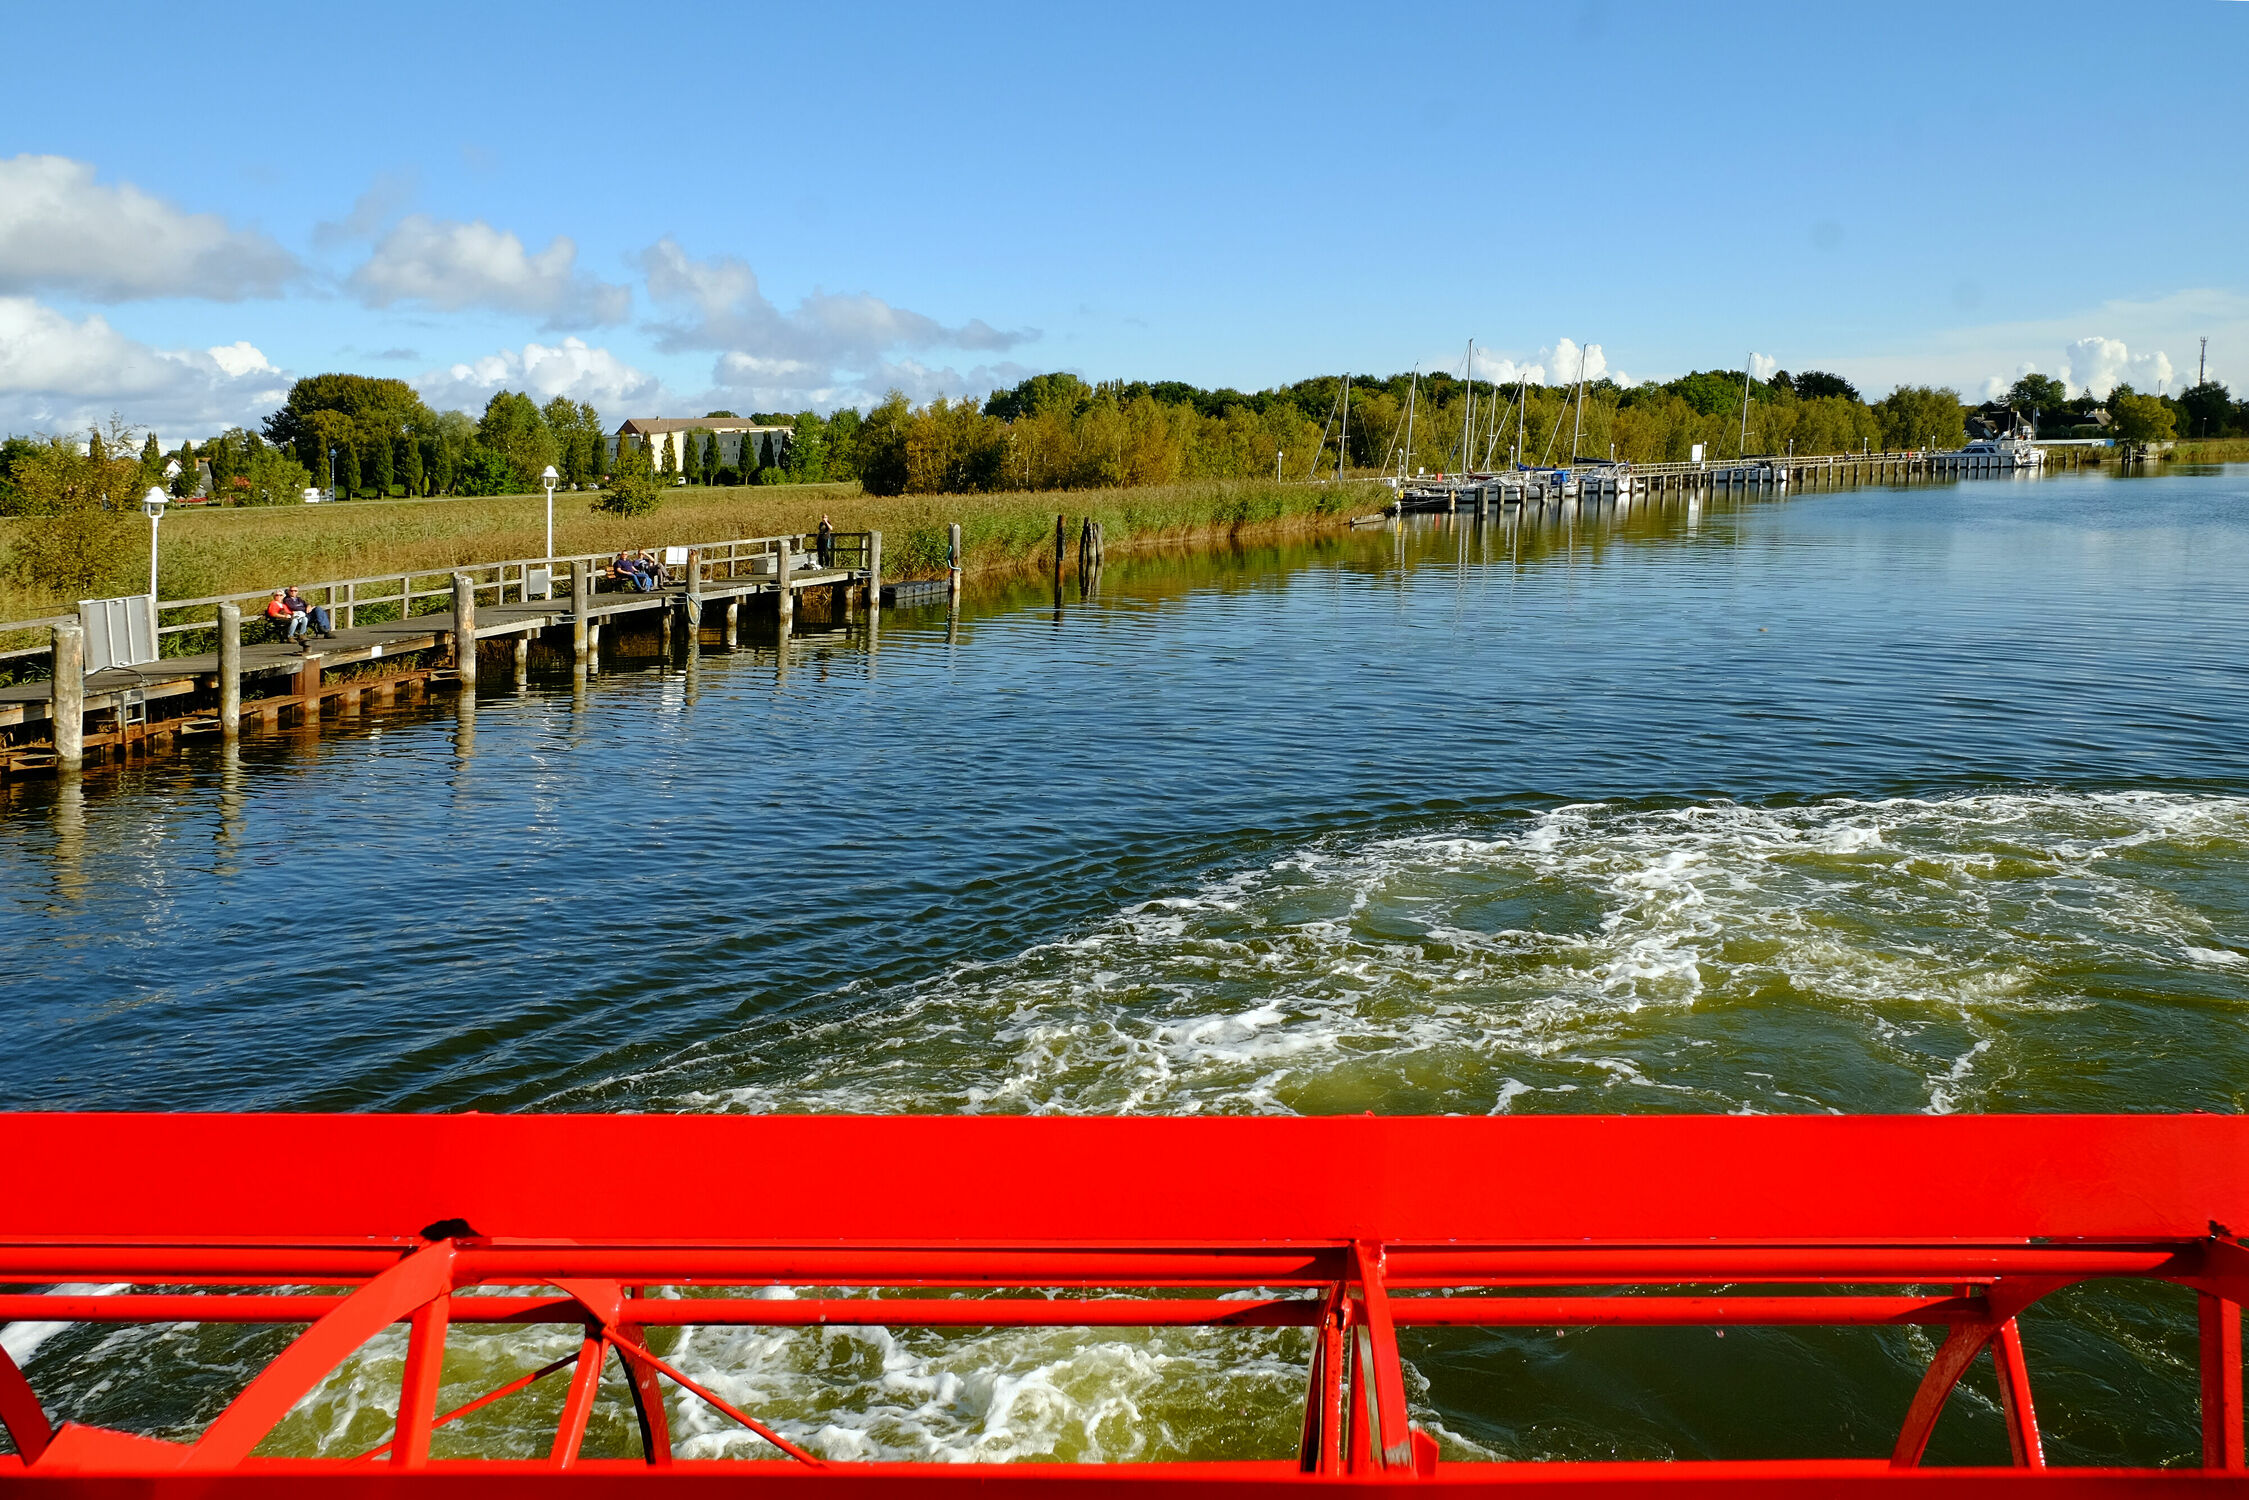 Bild mit Gewässer, Seen, Ostsee, Meer, Ausspannen, Bodden, Zingst, Abendstimmung, Schaufelraddampfer